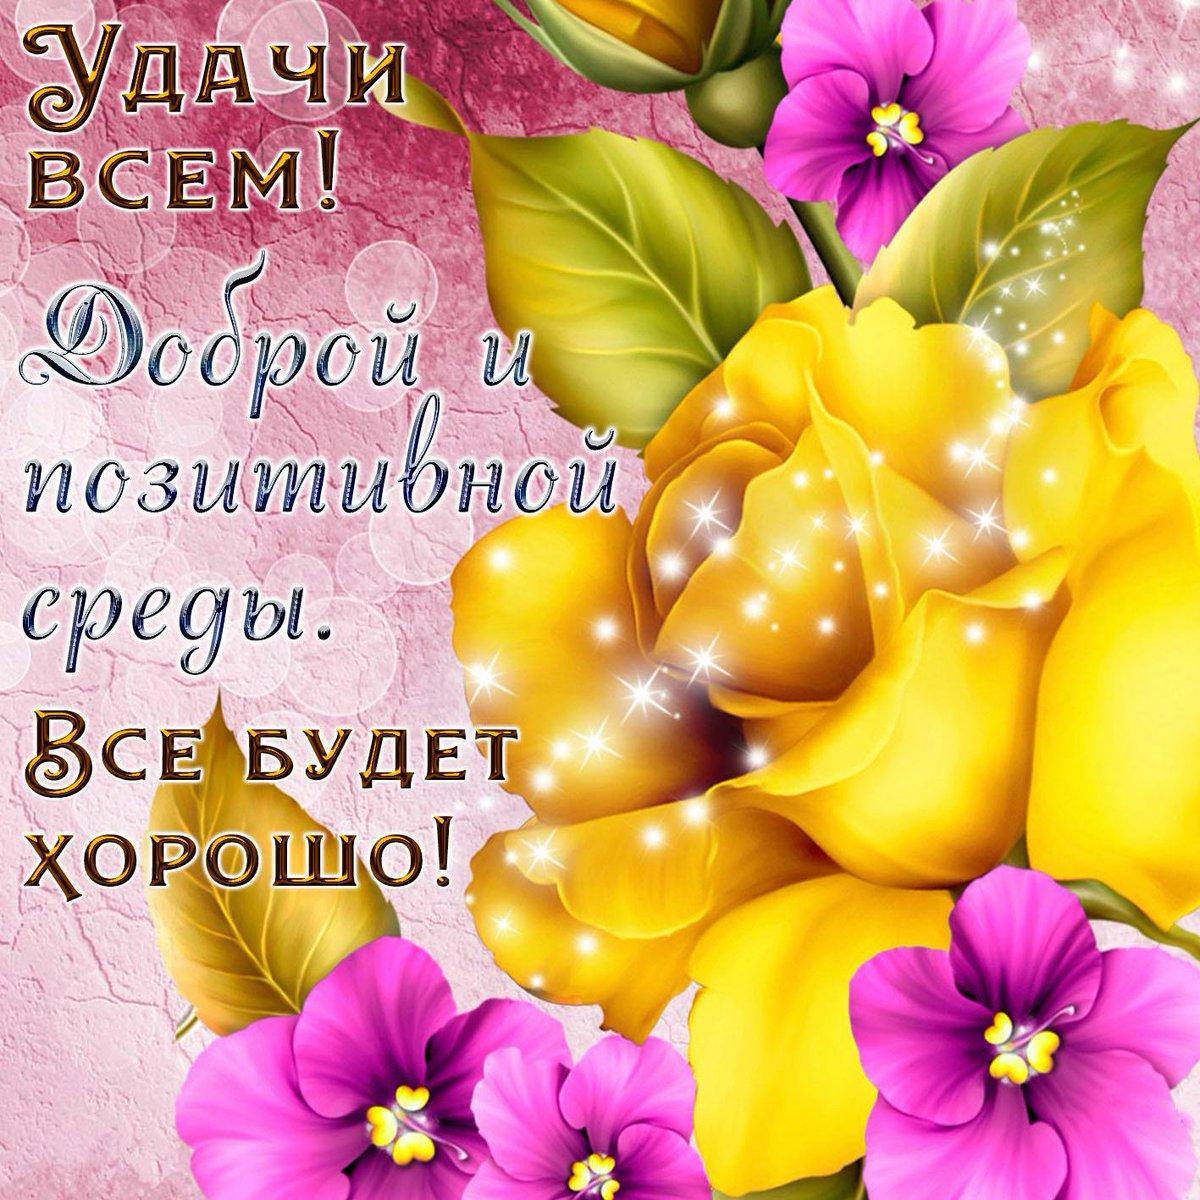 Открытки доброго утра и удачи на весь день